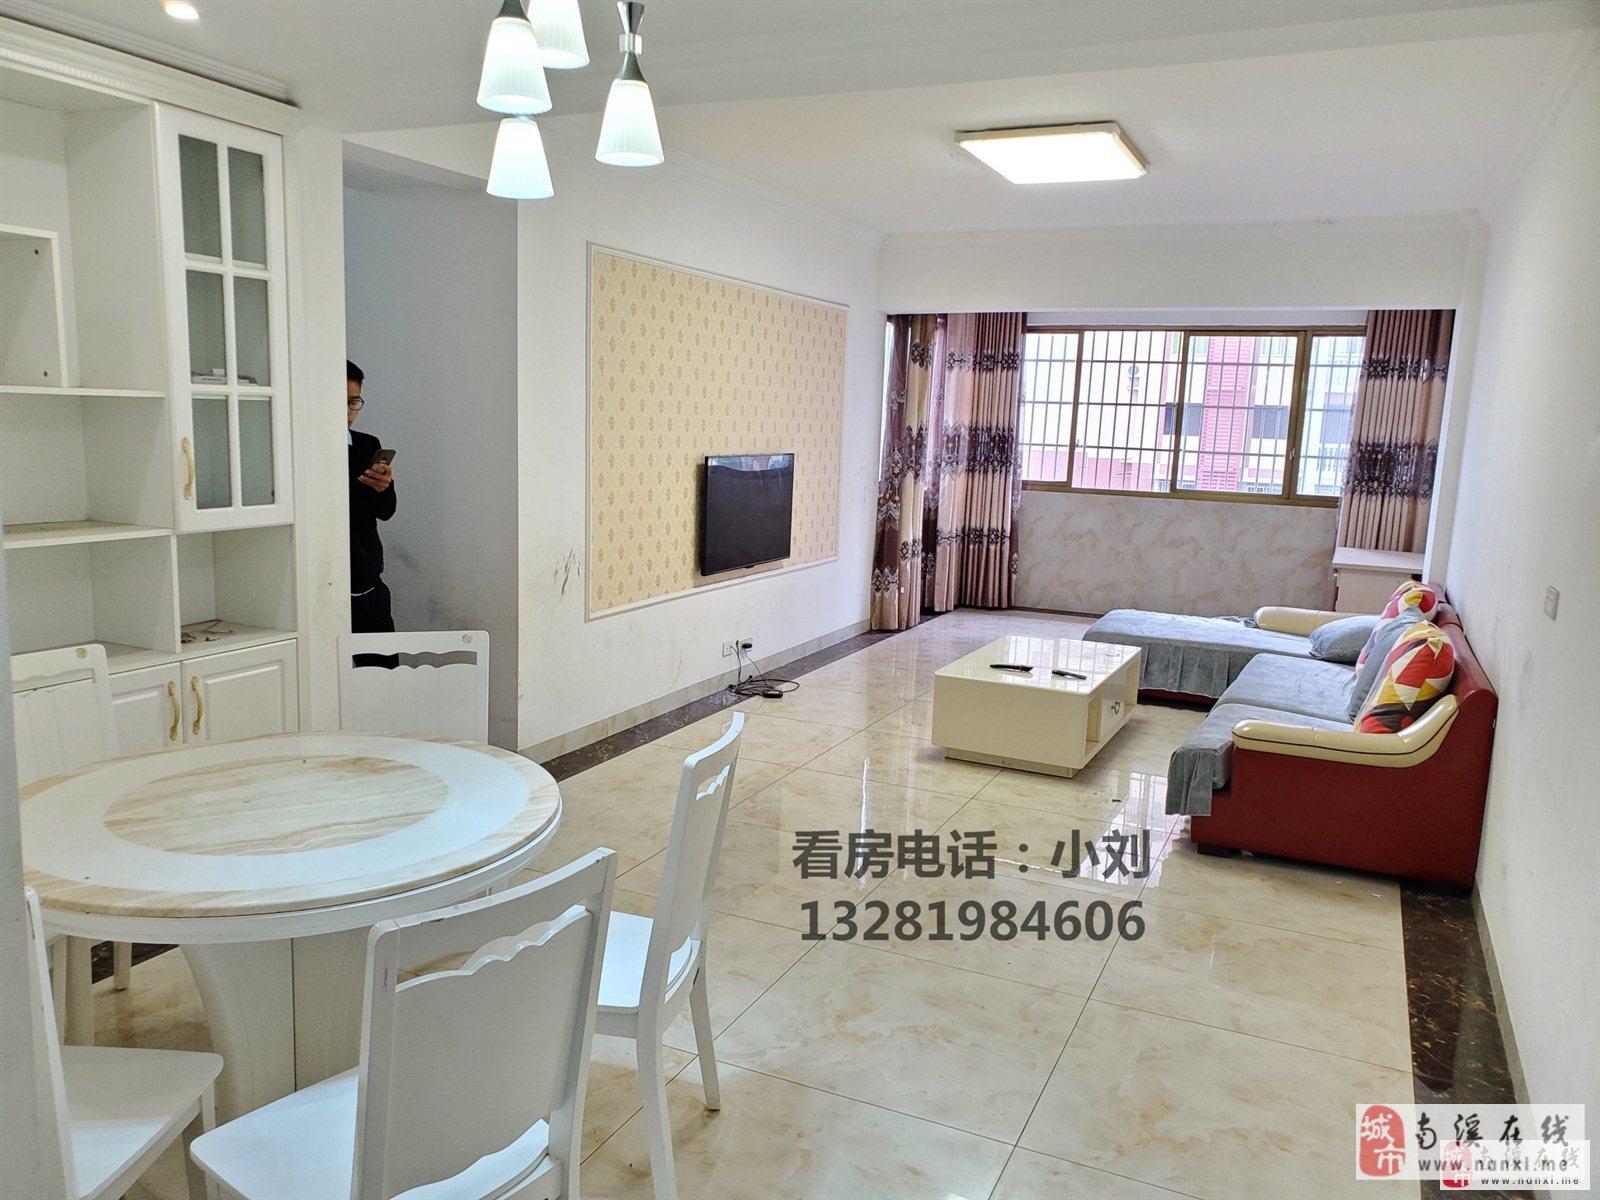 新城区 水岸欧韵 精装大3室2卫 户型完美 超大赠送面积